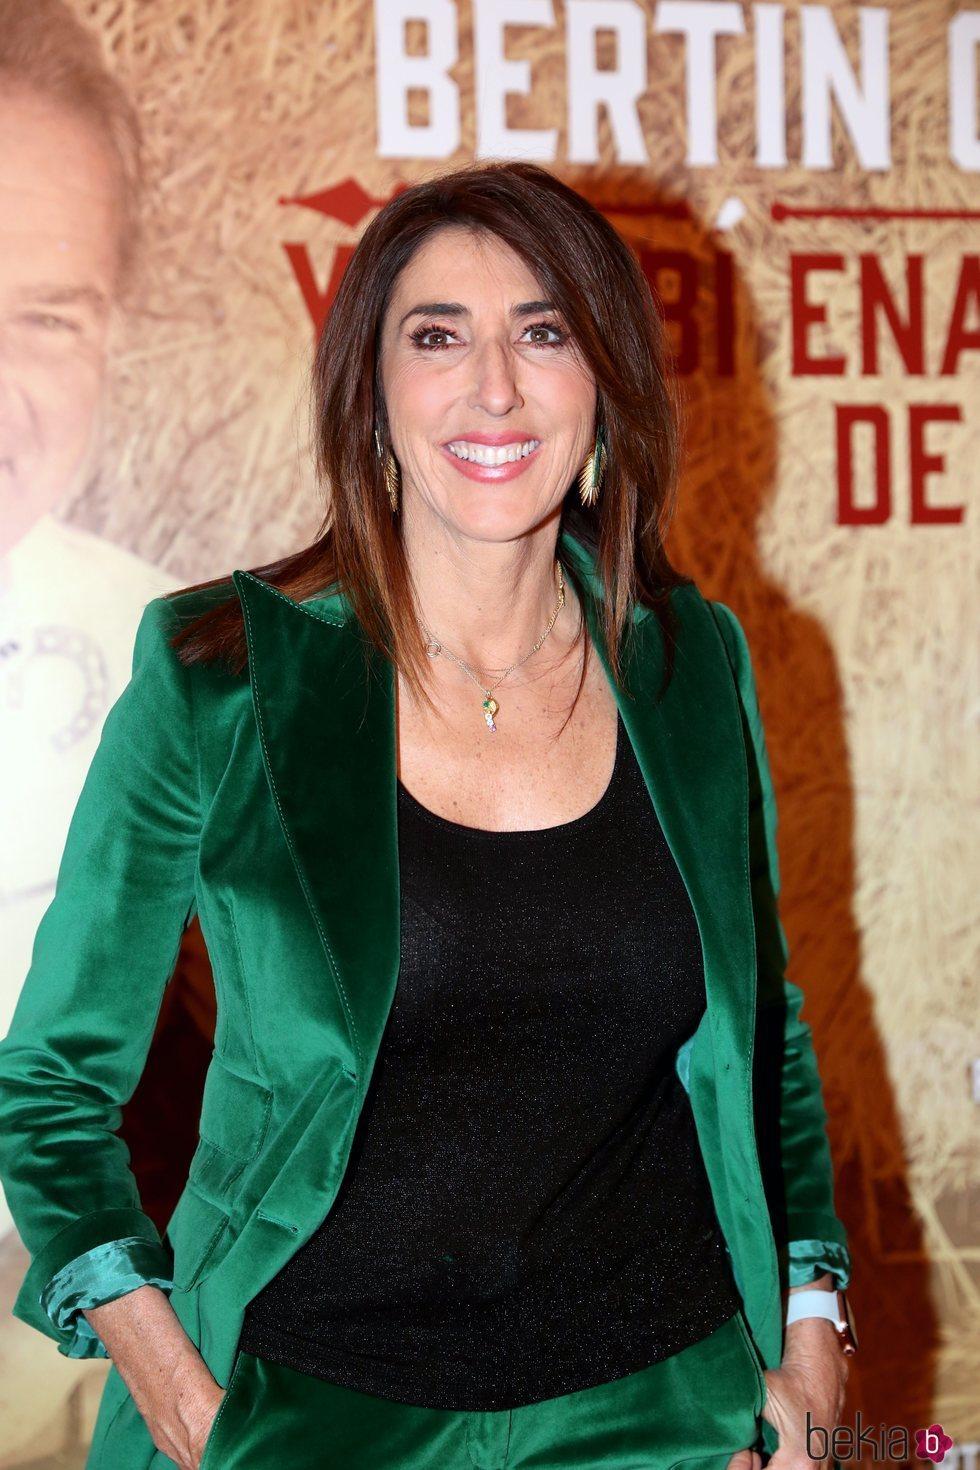 Paz Padilla en el concierto de Bertín Osborne en Madrid